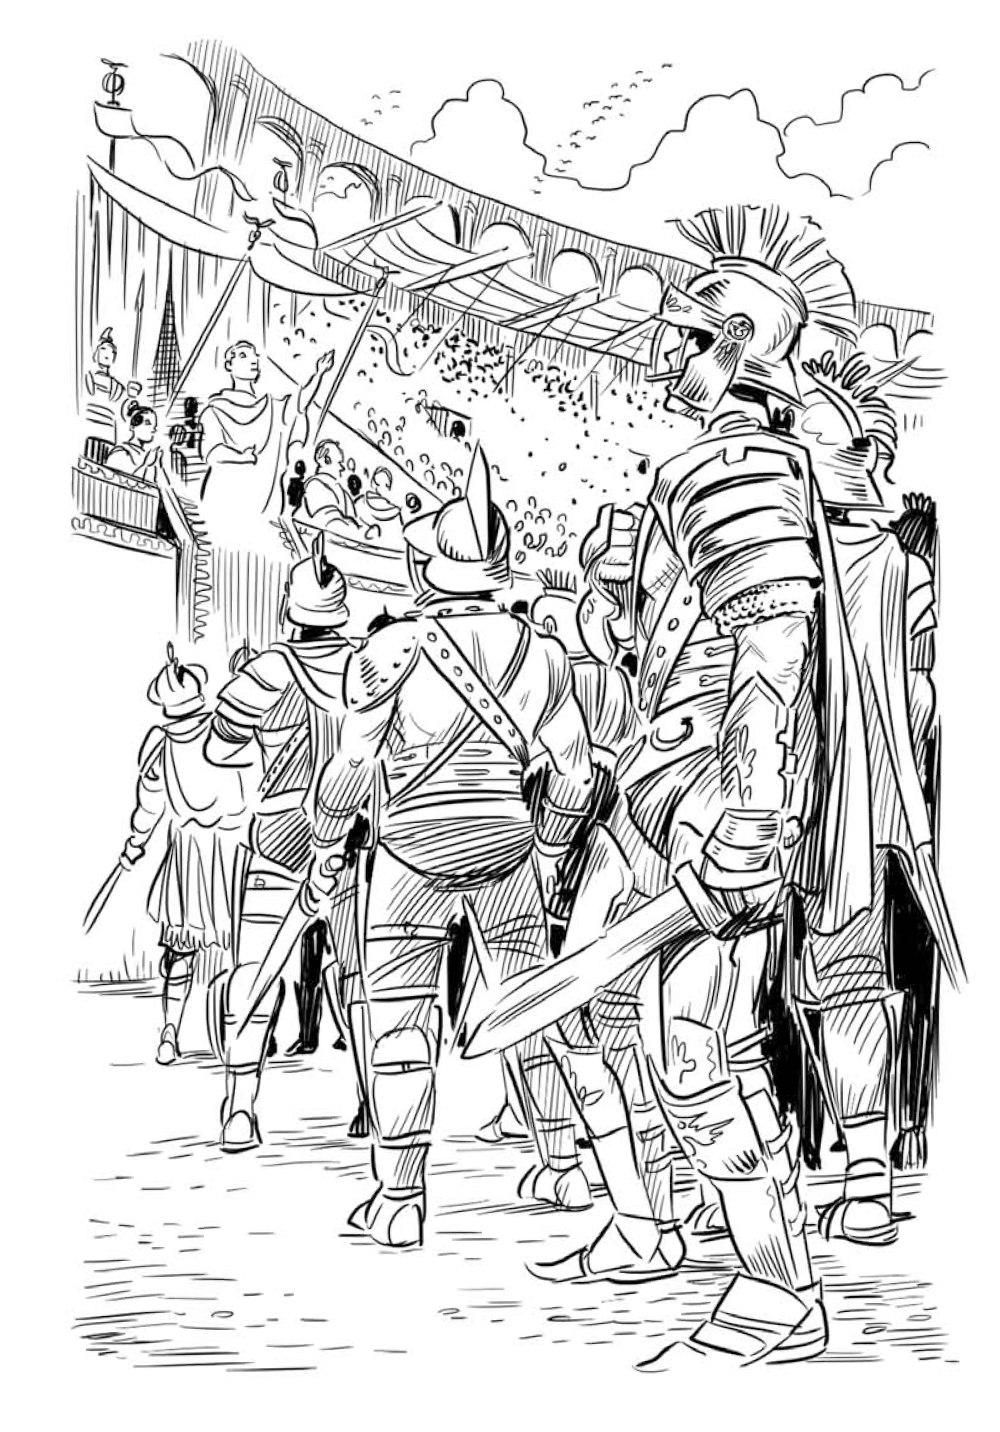 Юлий Цезарь иллюстрированная биография для детей